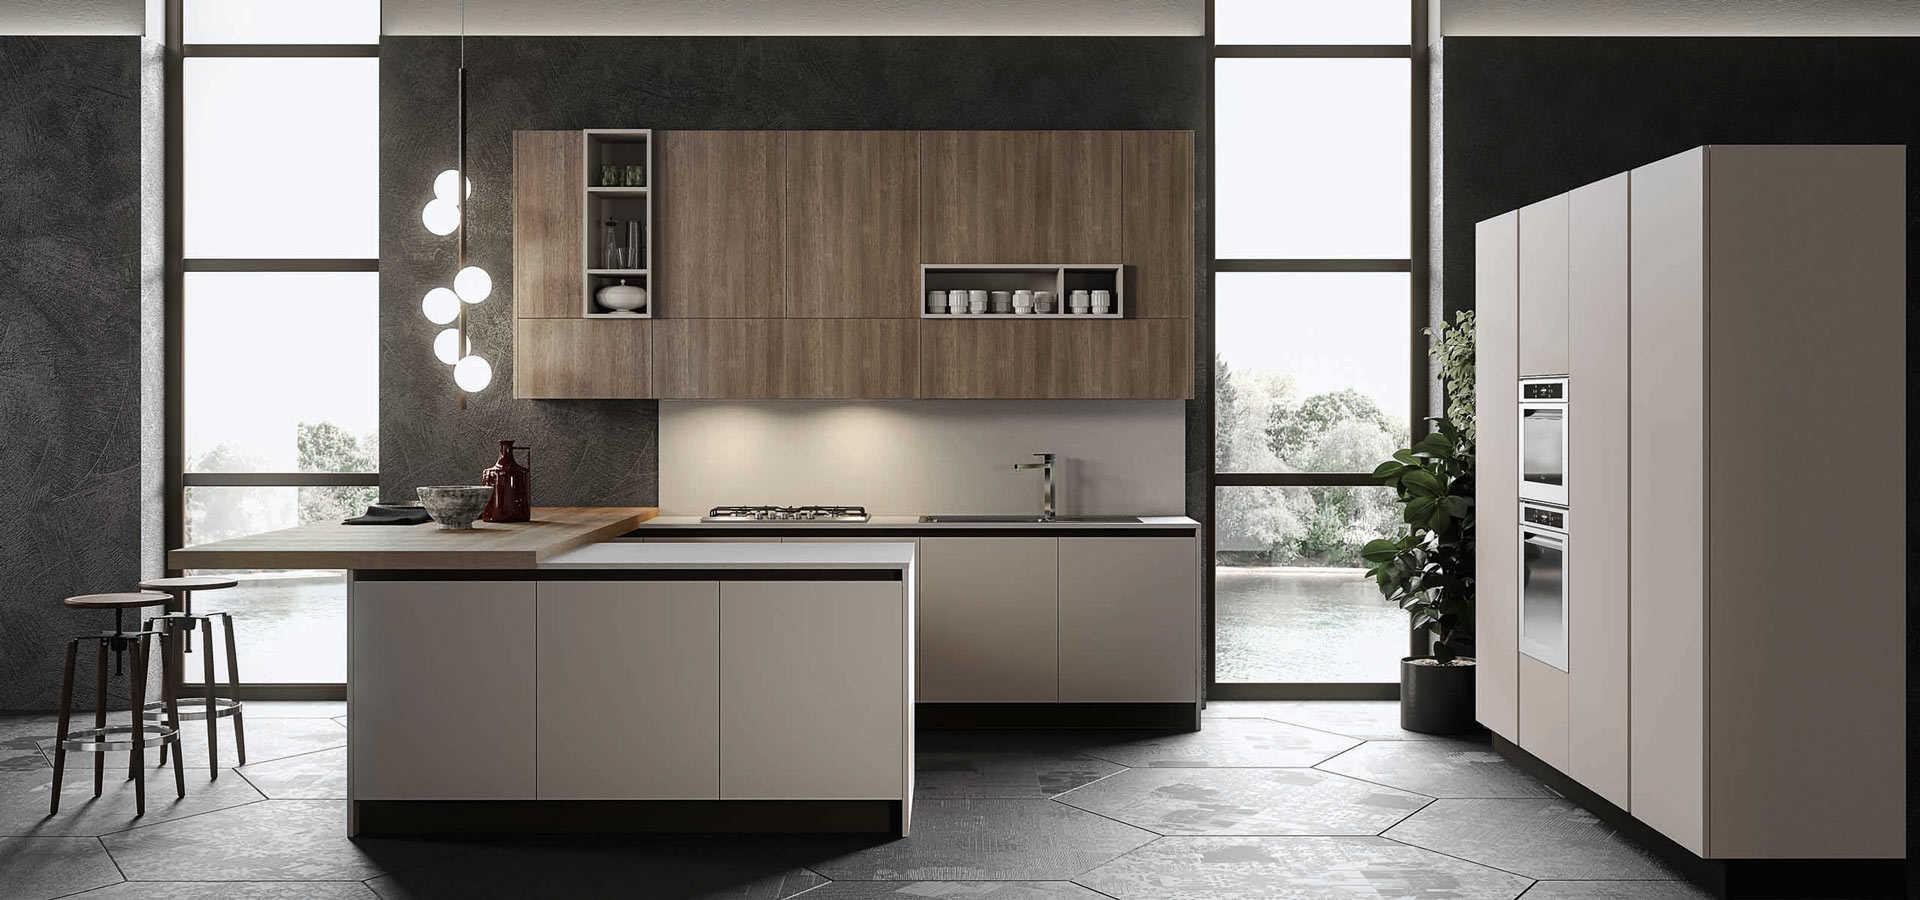 Cucine classiche moderne e in legno negozio arredamento for Arredamenti a sora